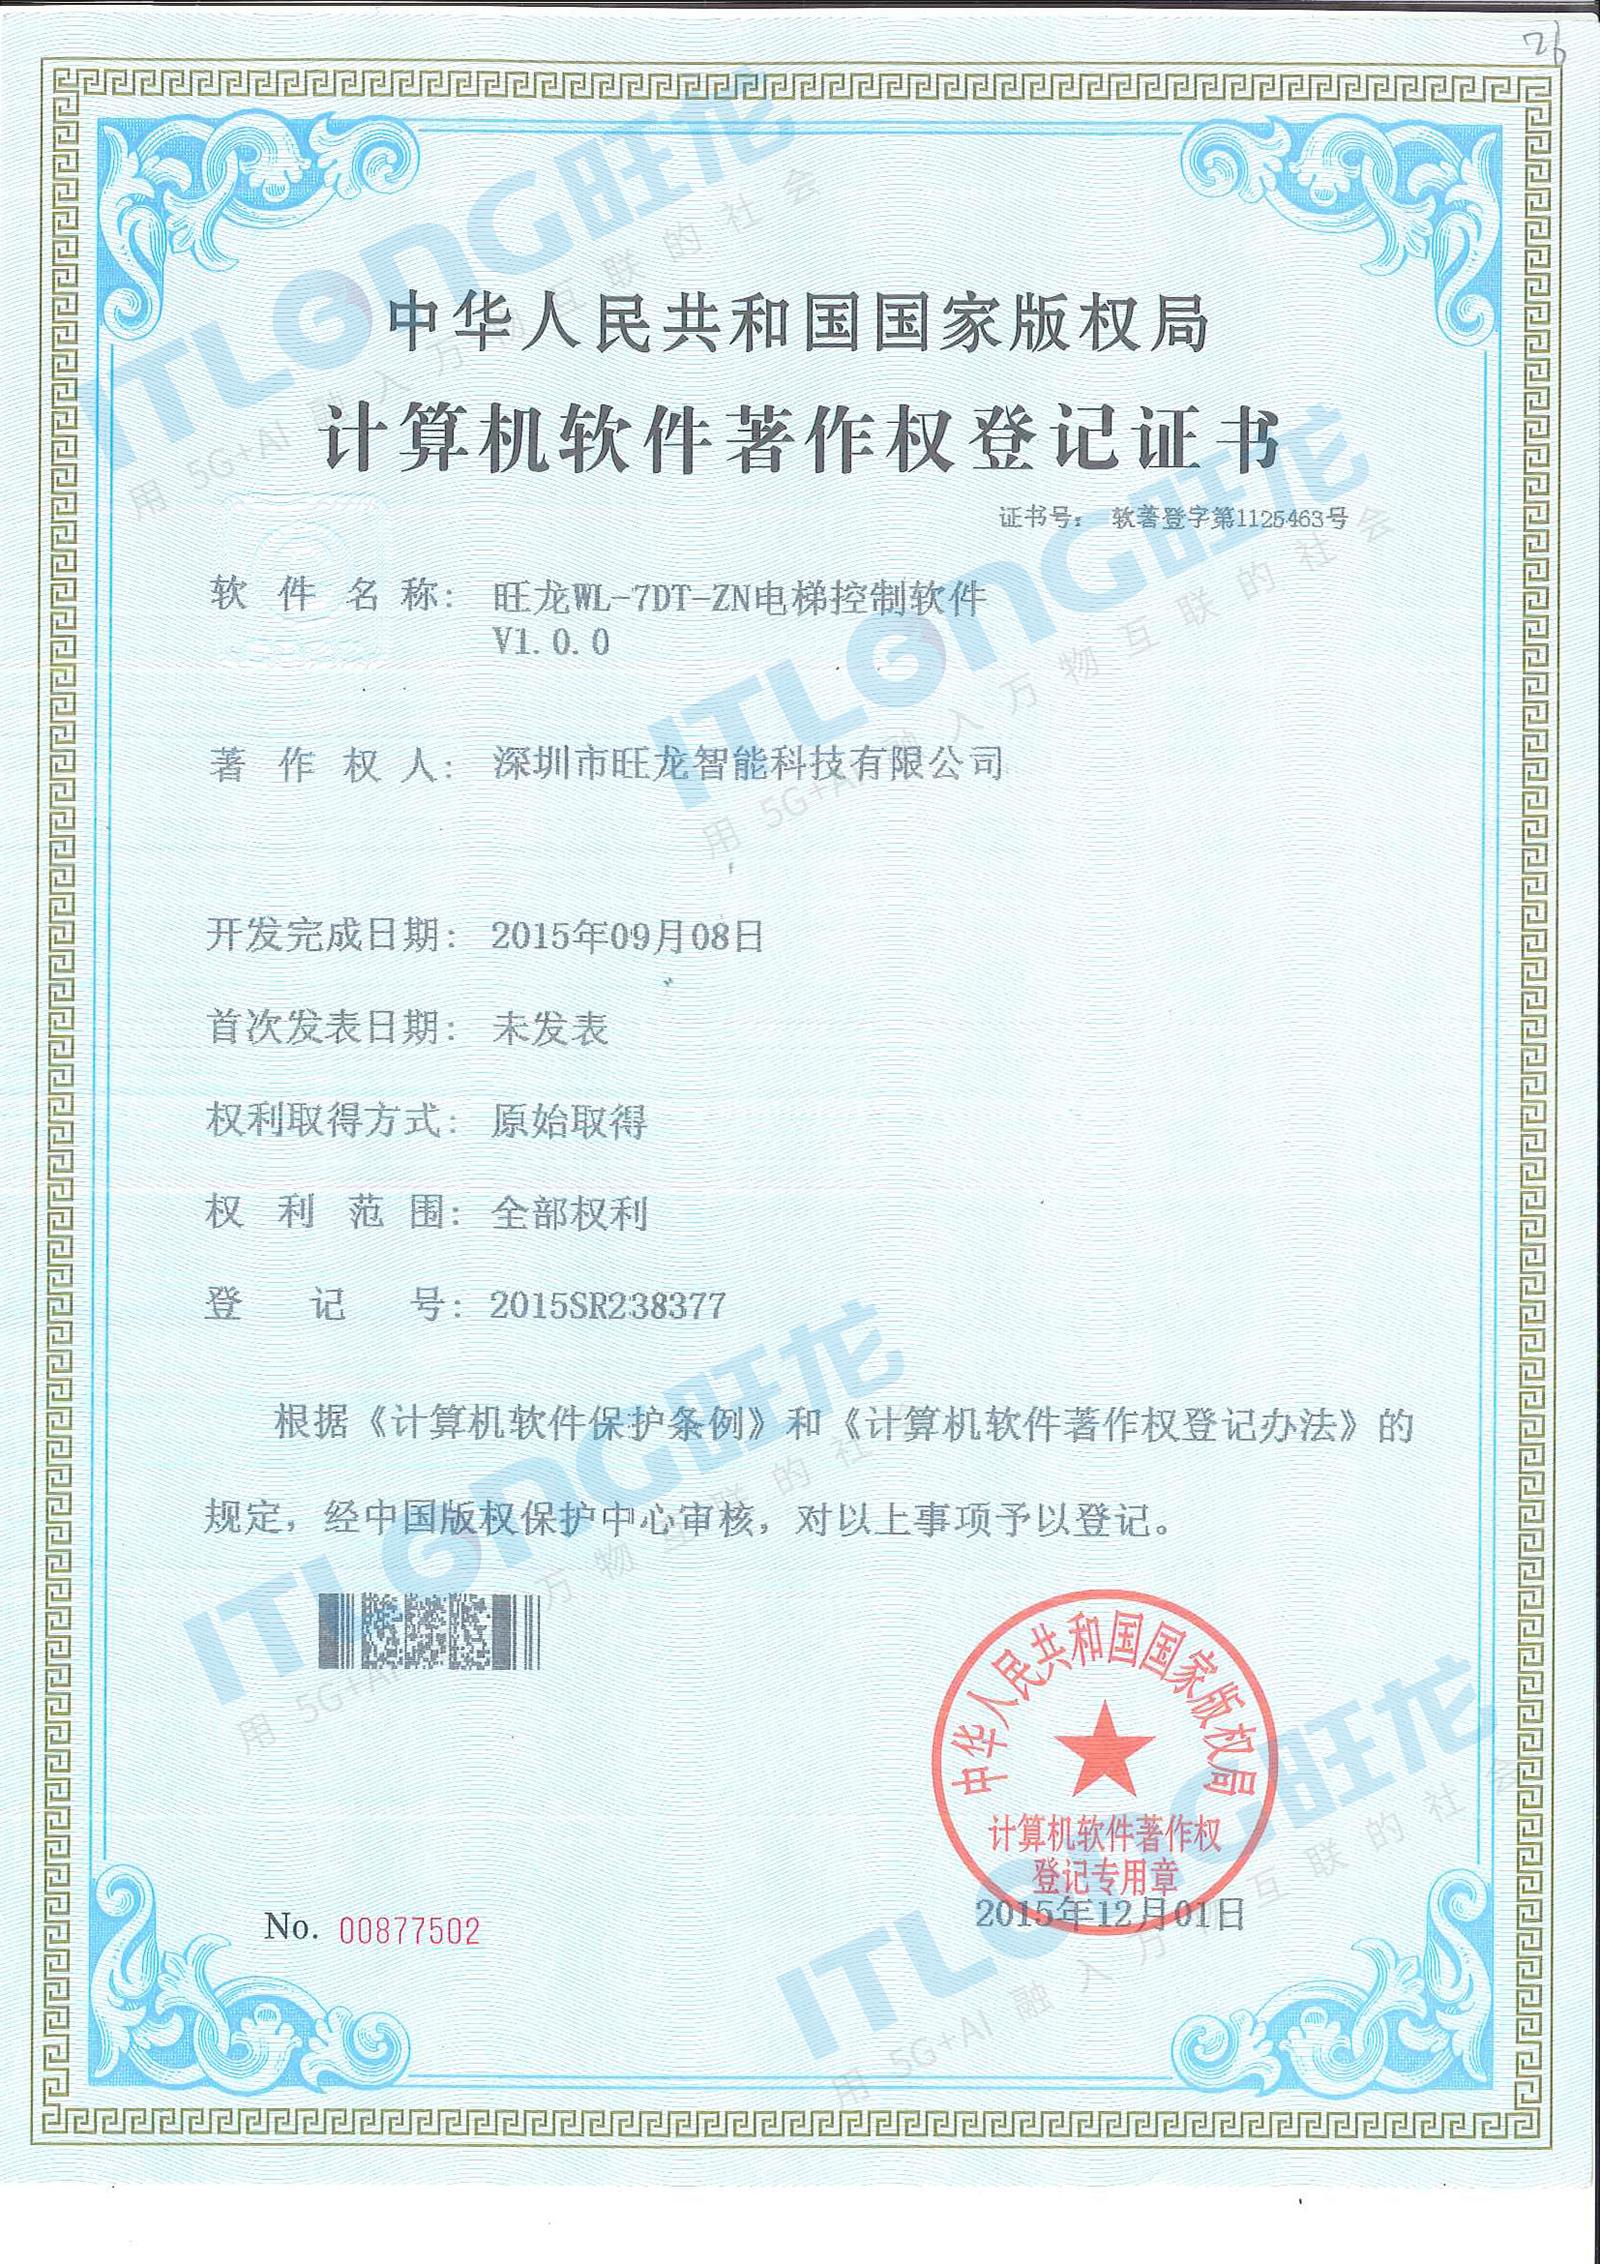 旺龙WL-7DT-ZN电梯控制软件